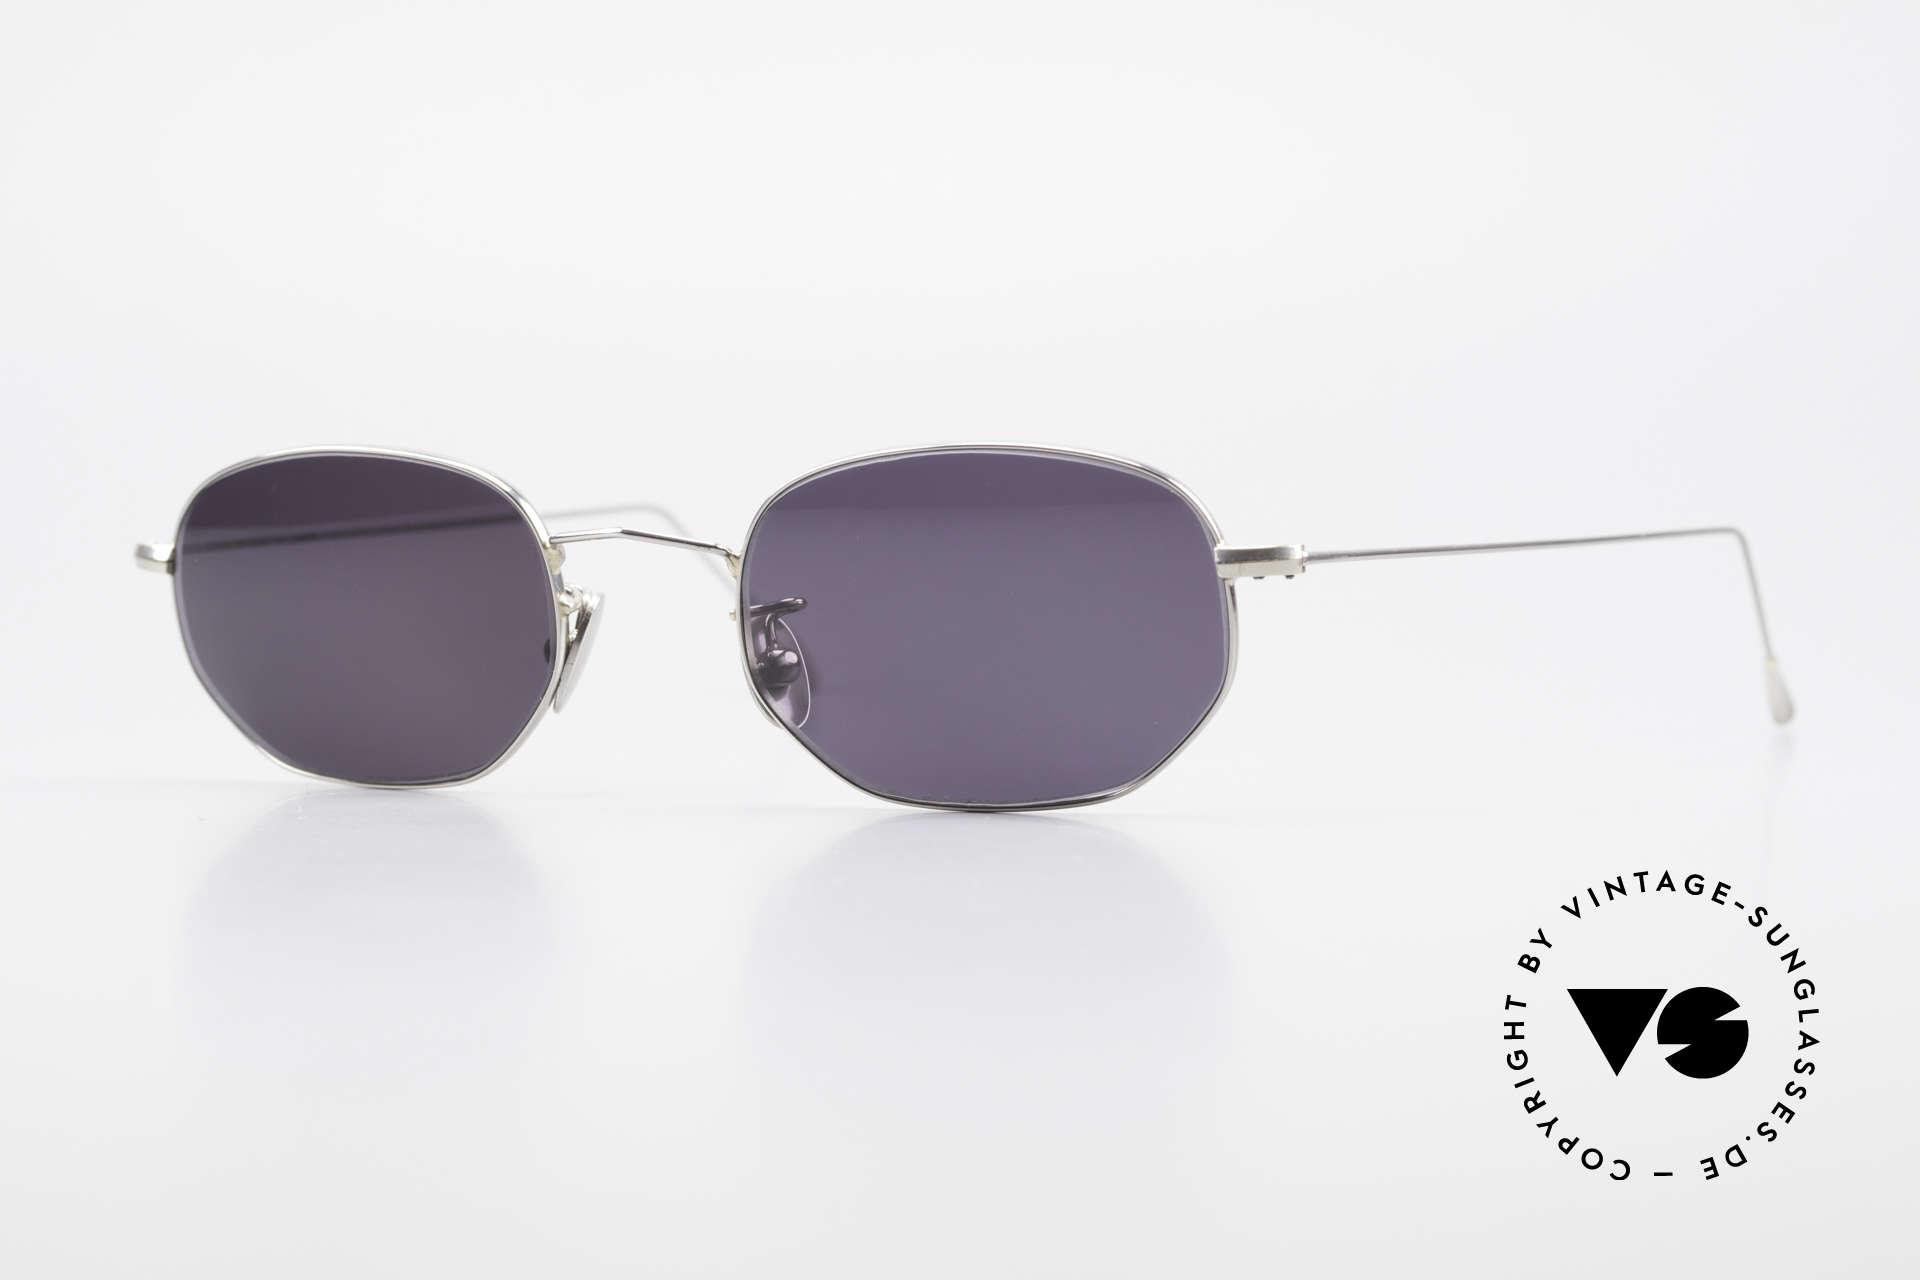 Cutler And Gross 0370 Klassische Sonnenbrille Unisex, Cutler & Gross London Designerbrille der späten 90er, Passend für Herren und Damen